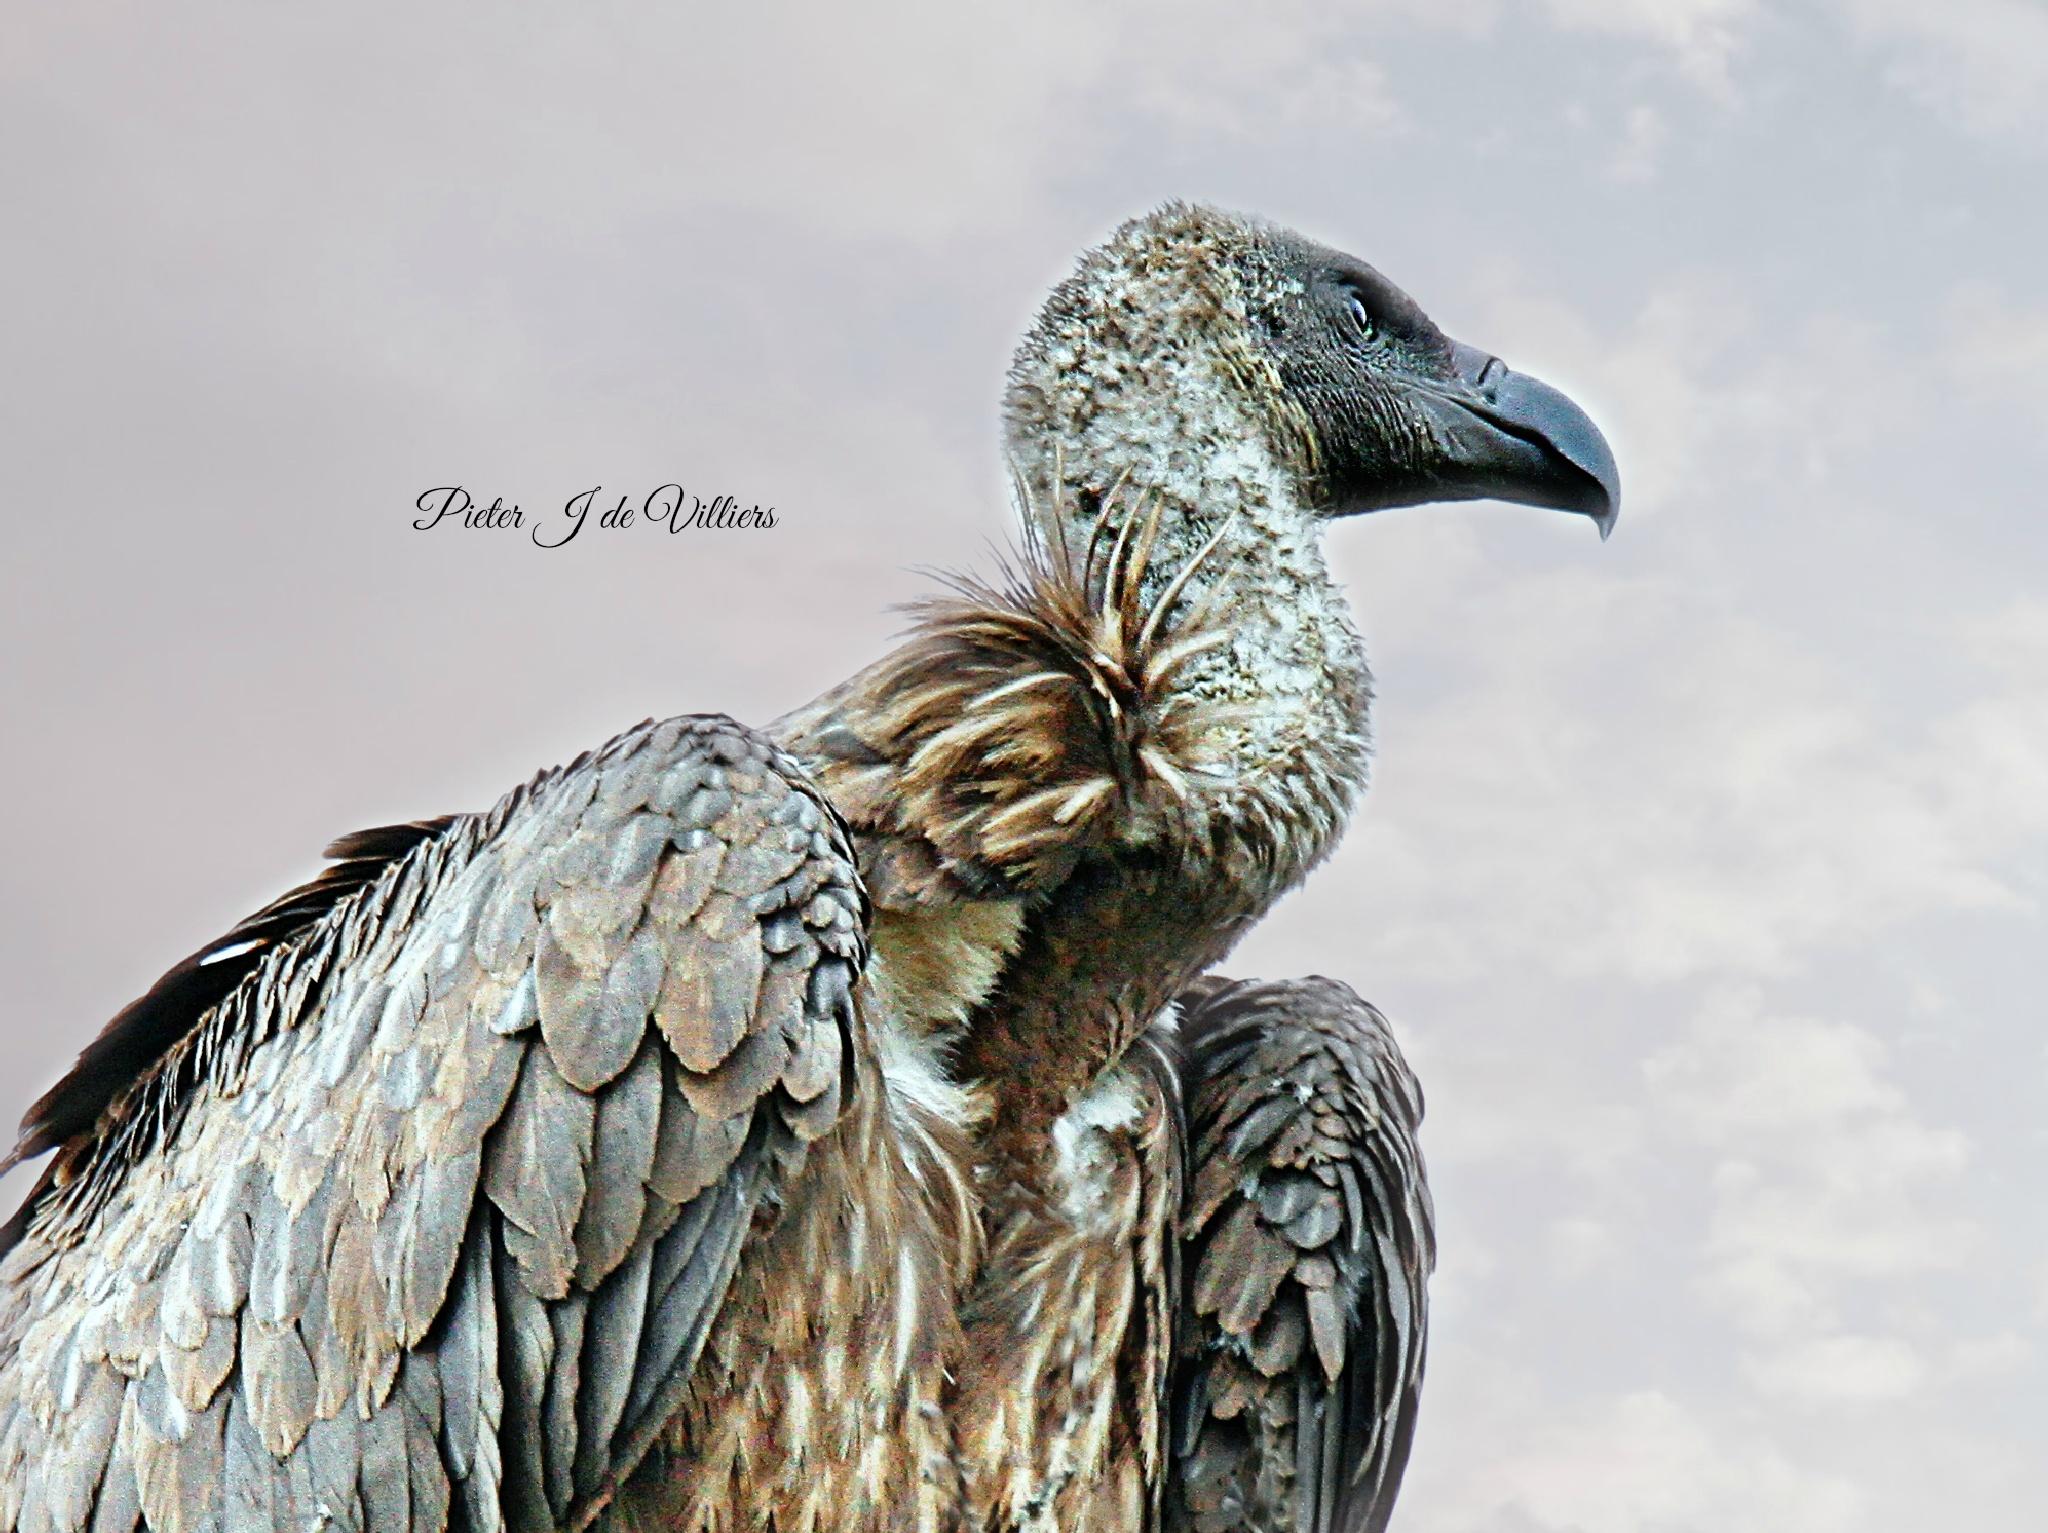 Vulture by Pieter J de Villiers